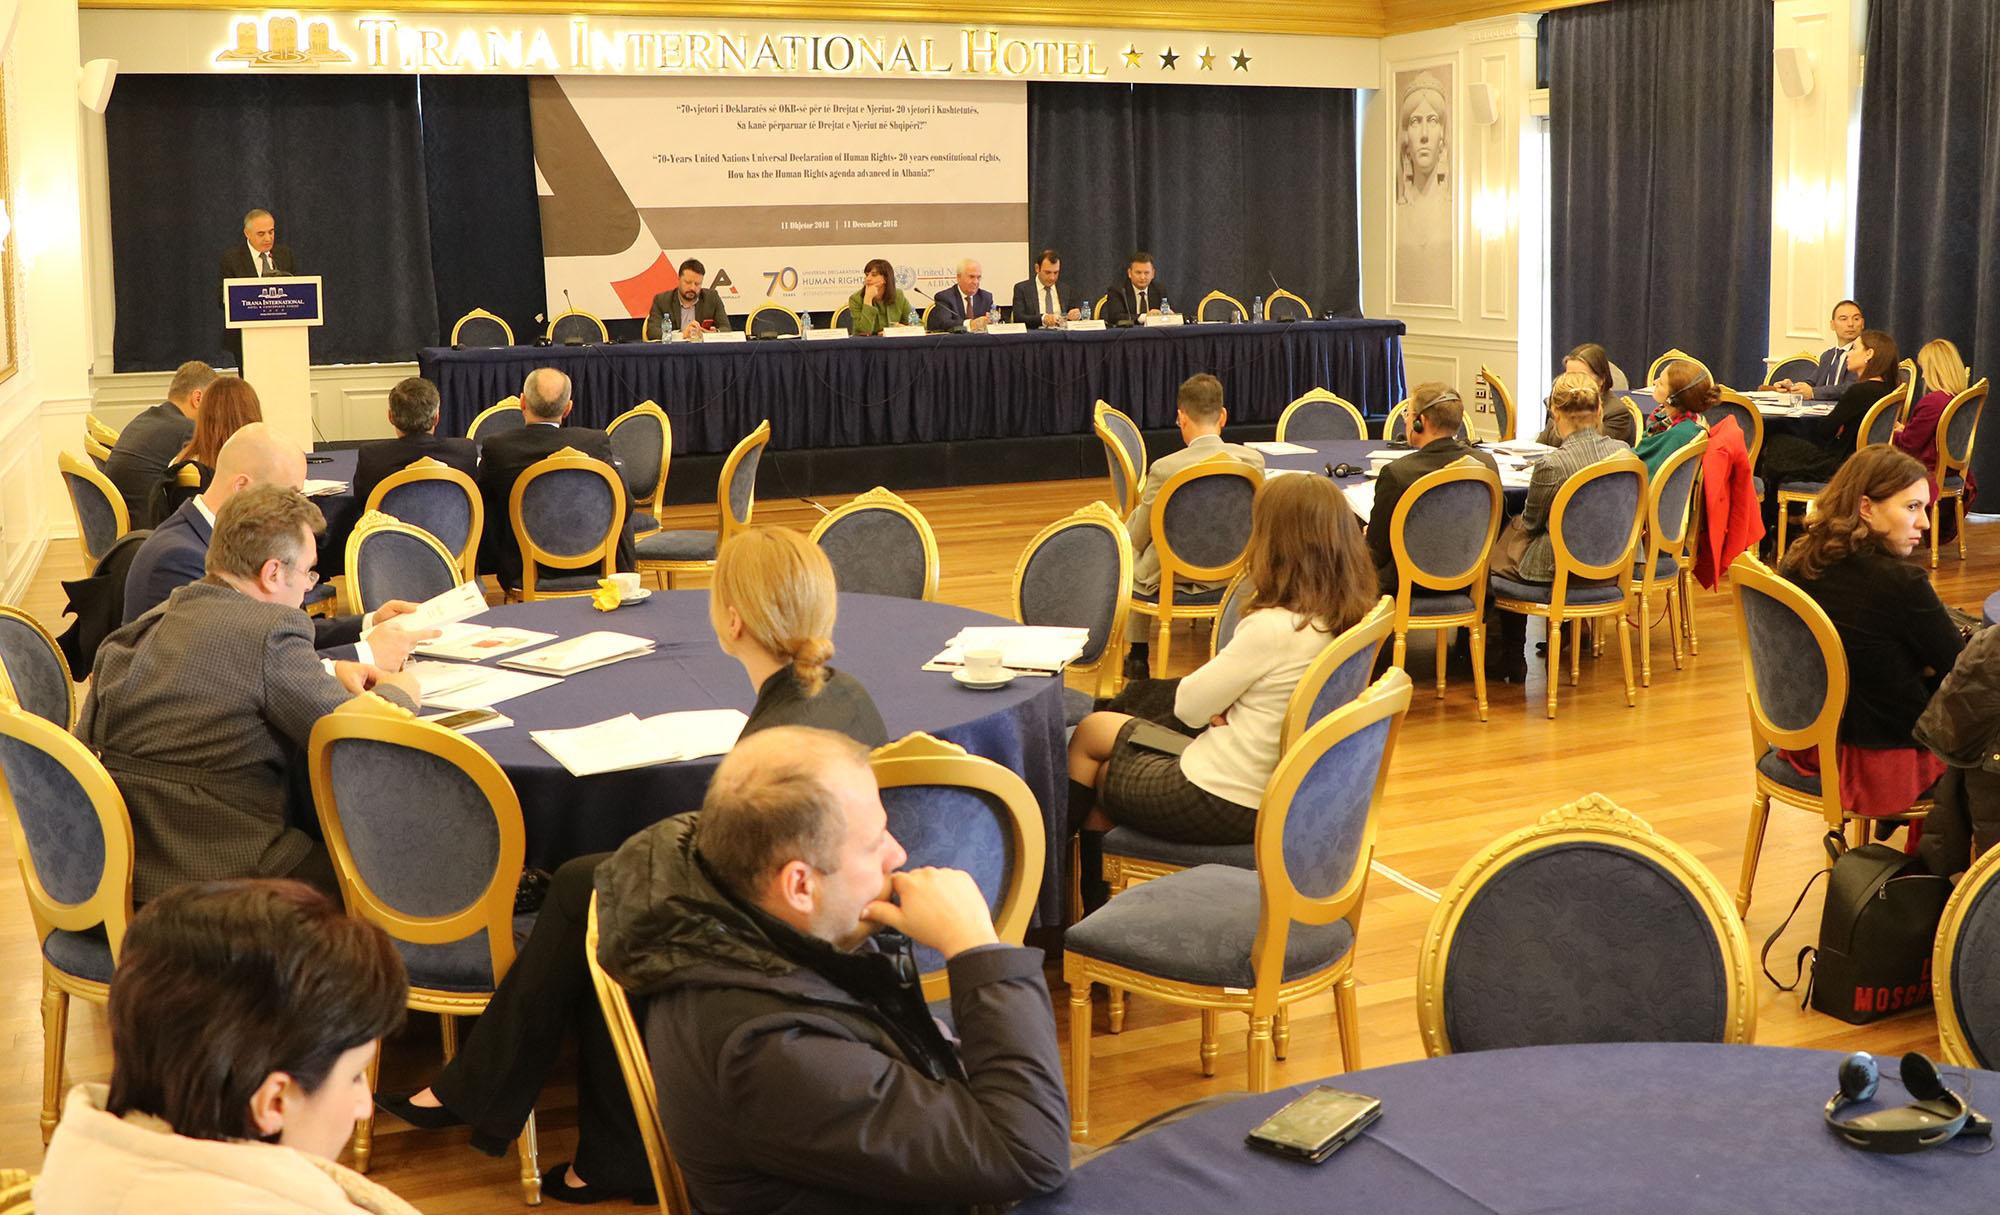 Të drejtat dhe liritë themelore të njeriut, Konferenca vjetore e Avokatit të Popullit